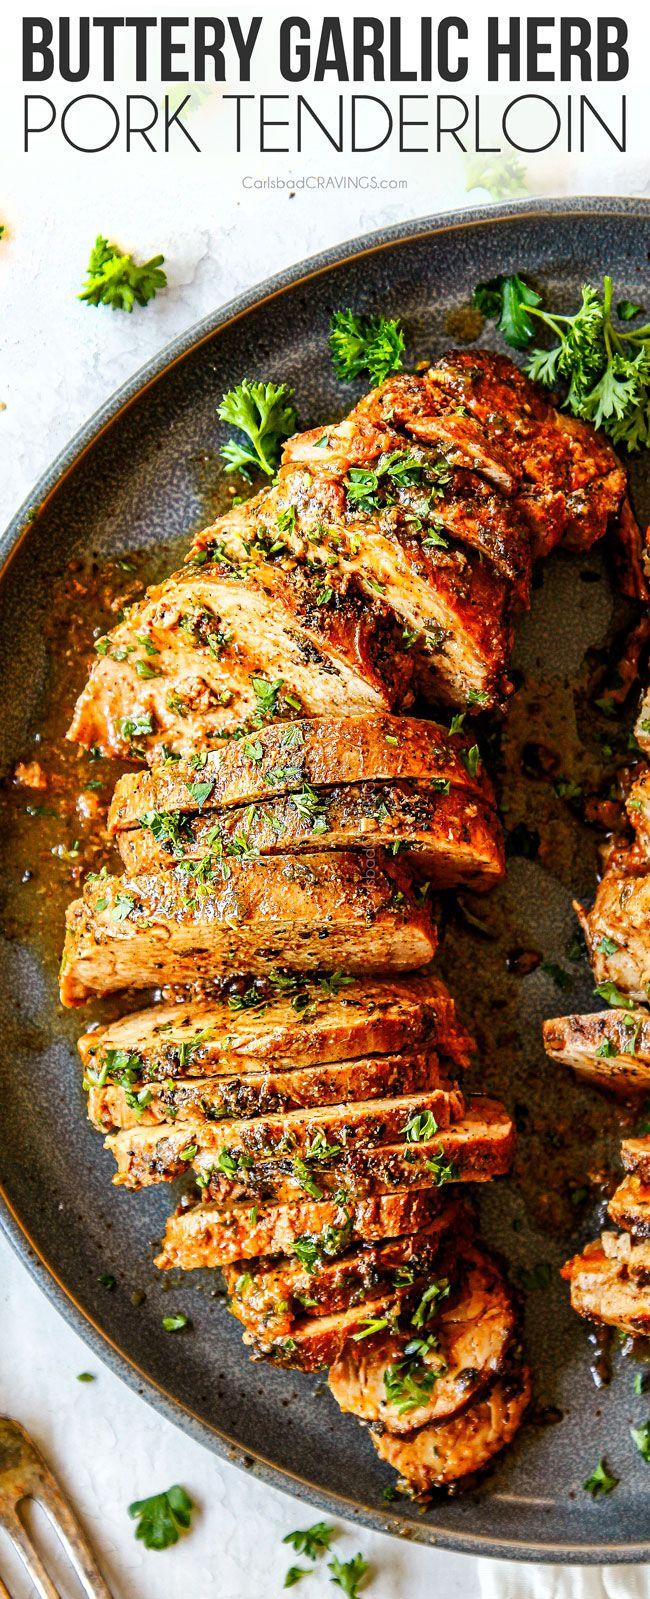 Buttery Garlic Herb Pork Tenderloin #porktenderloinrecipes